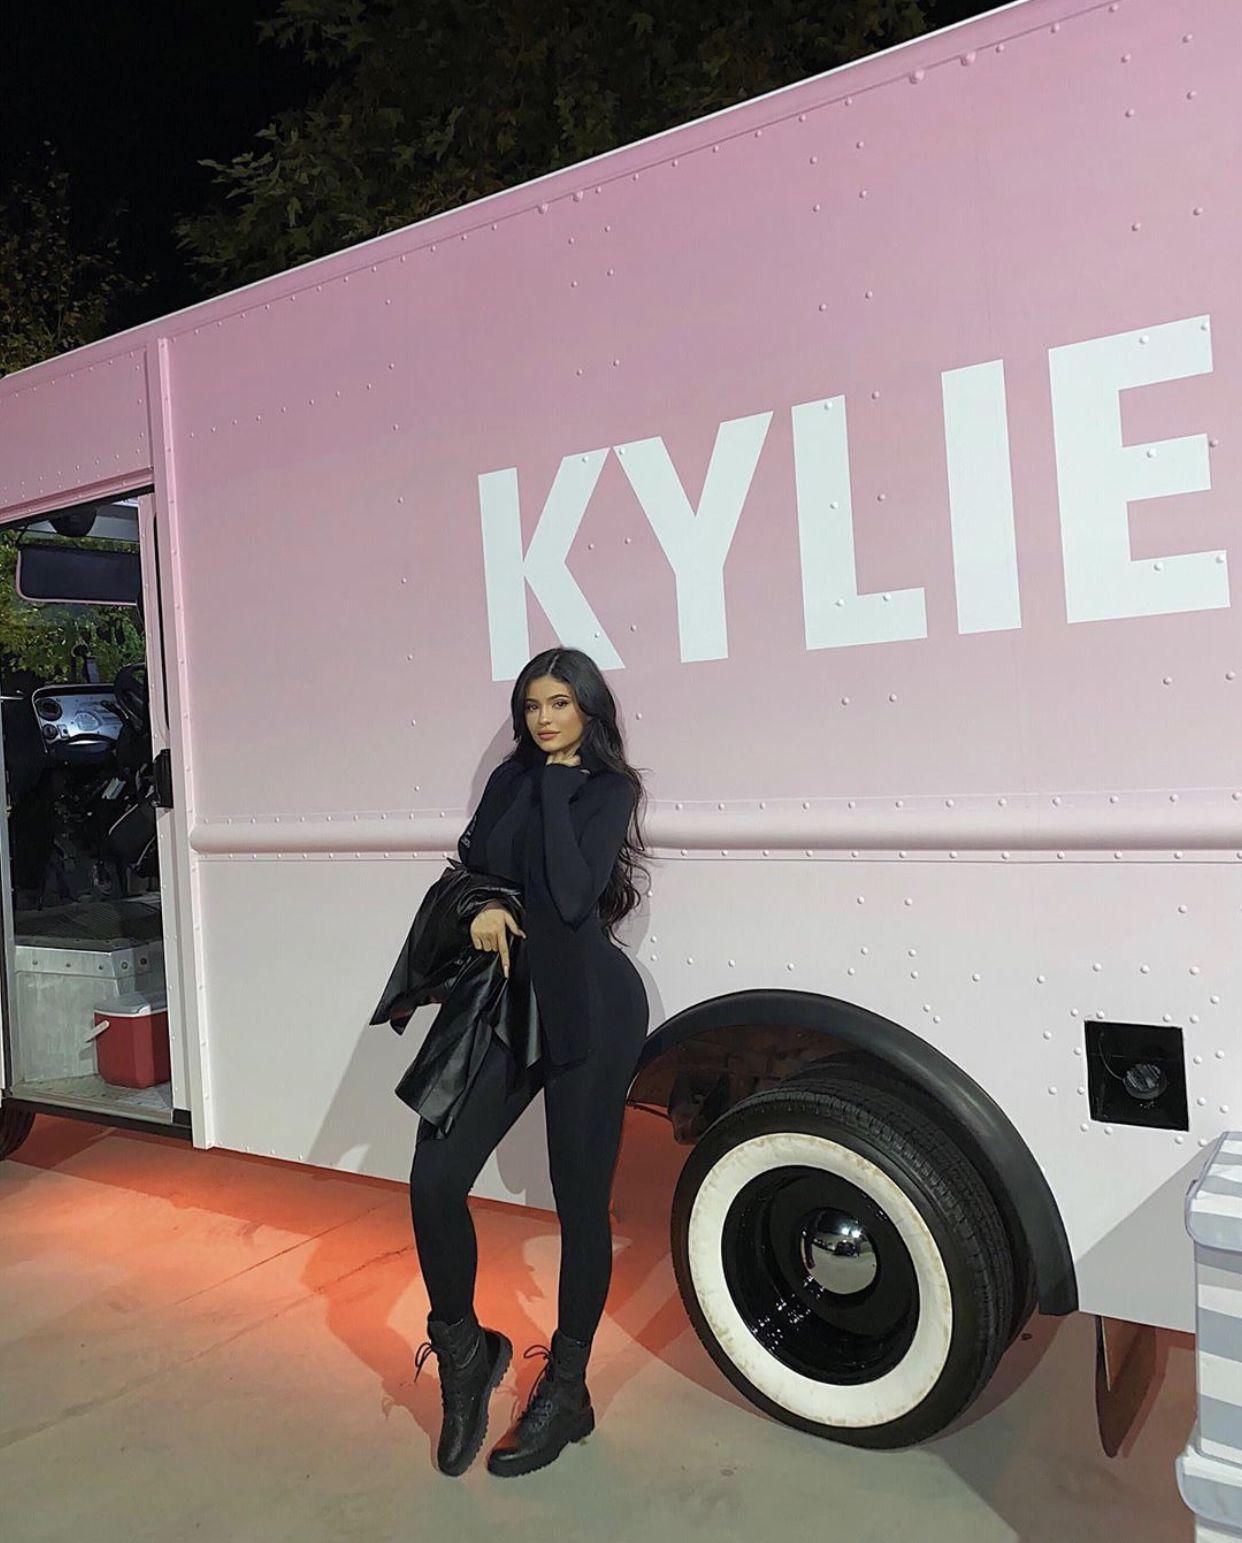 Instagram yuriaec Kylie jenner black, Kylie jenner